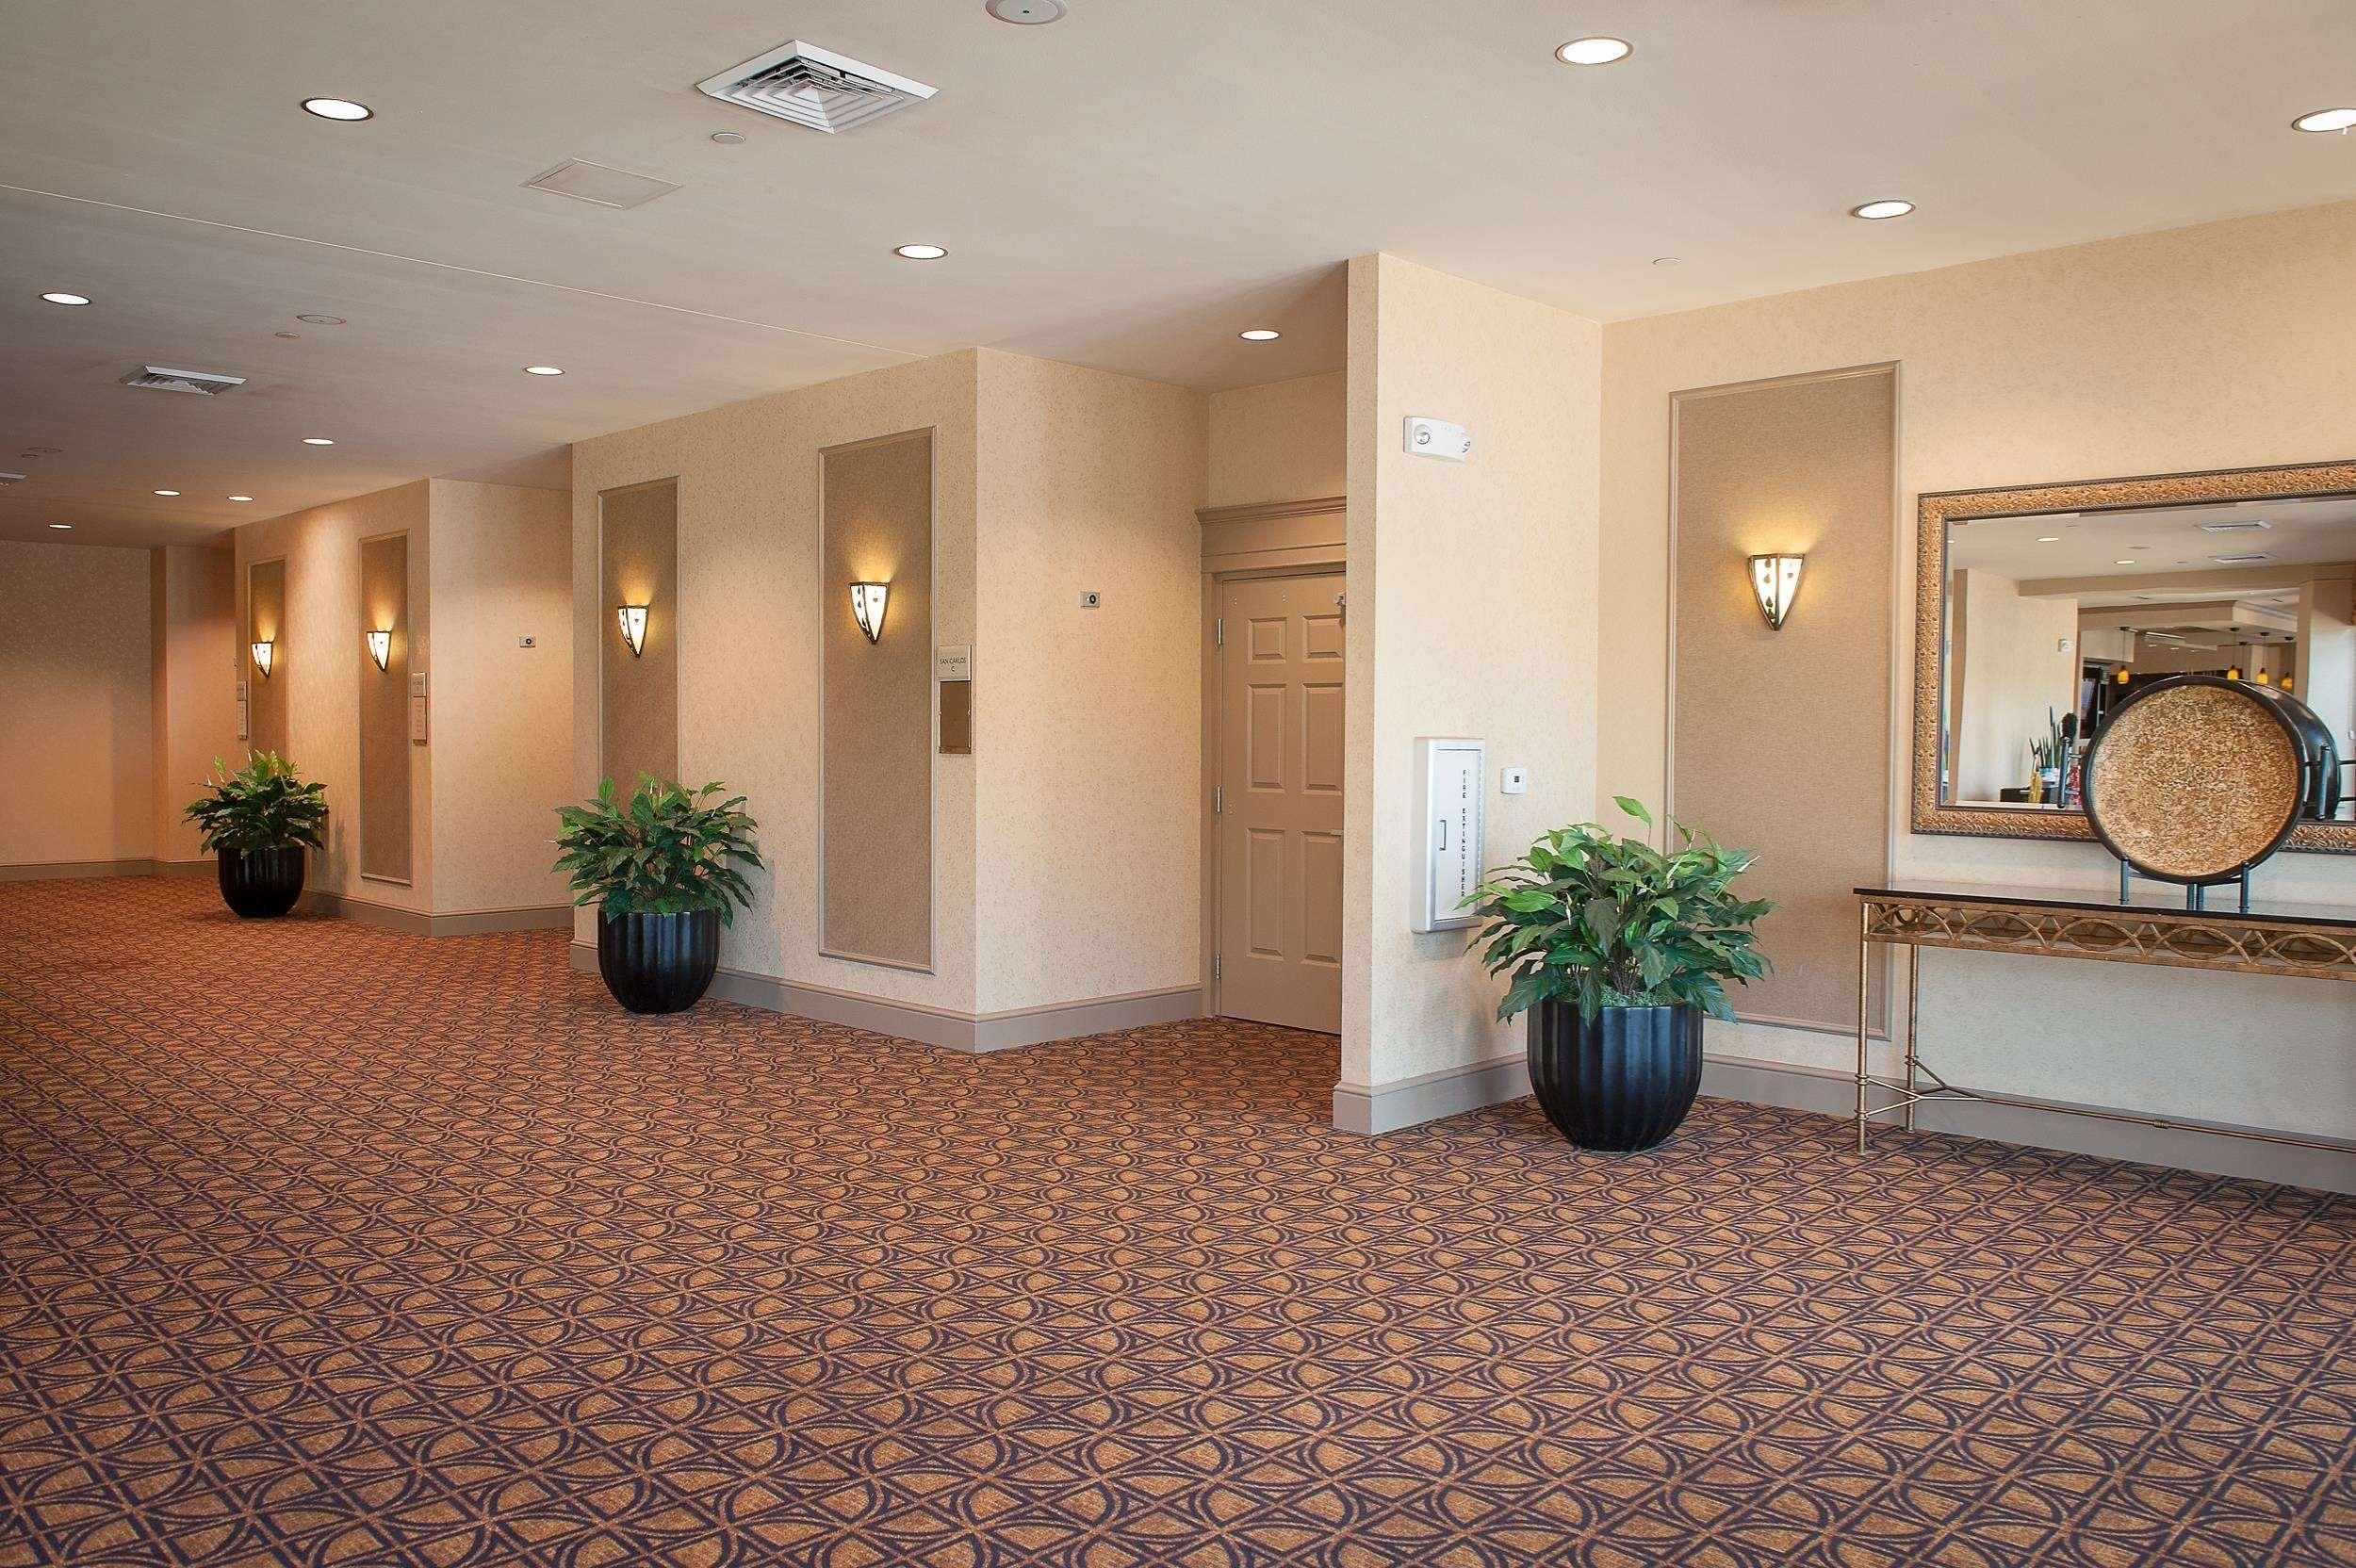 Hilton Garden Inn Pensacola Airport - Medical Center image 14